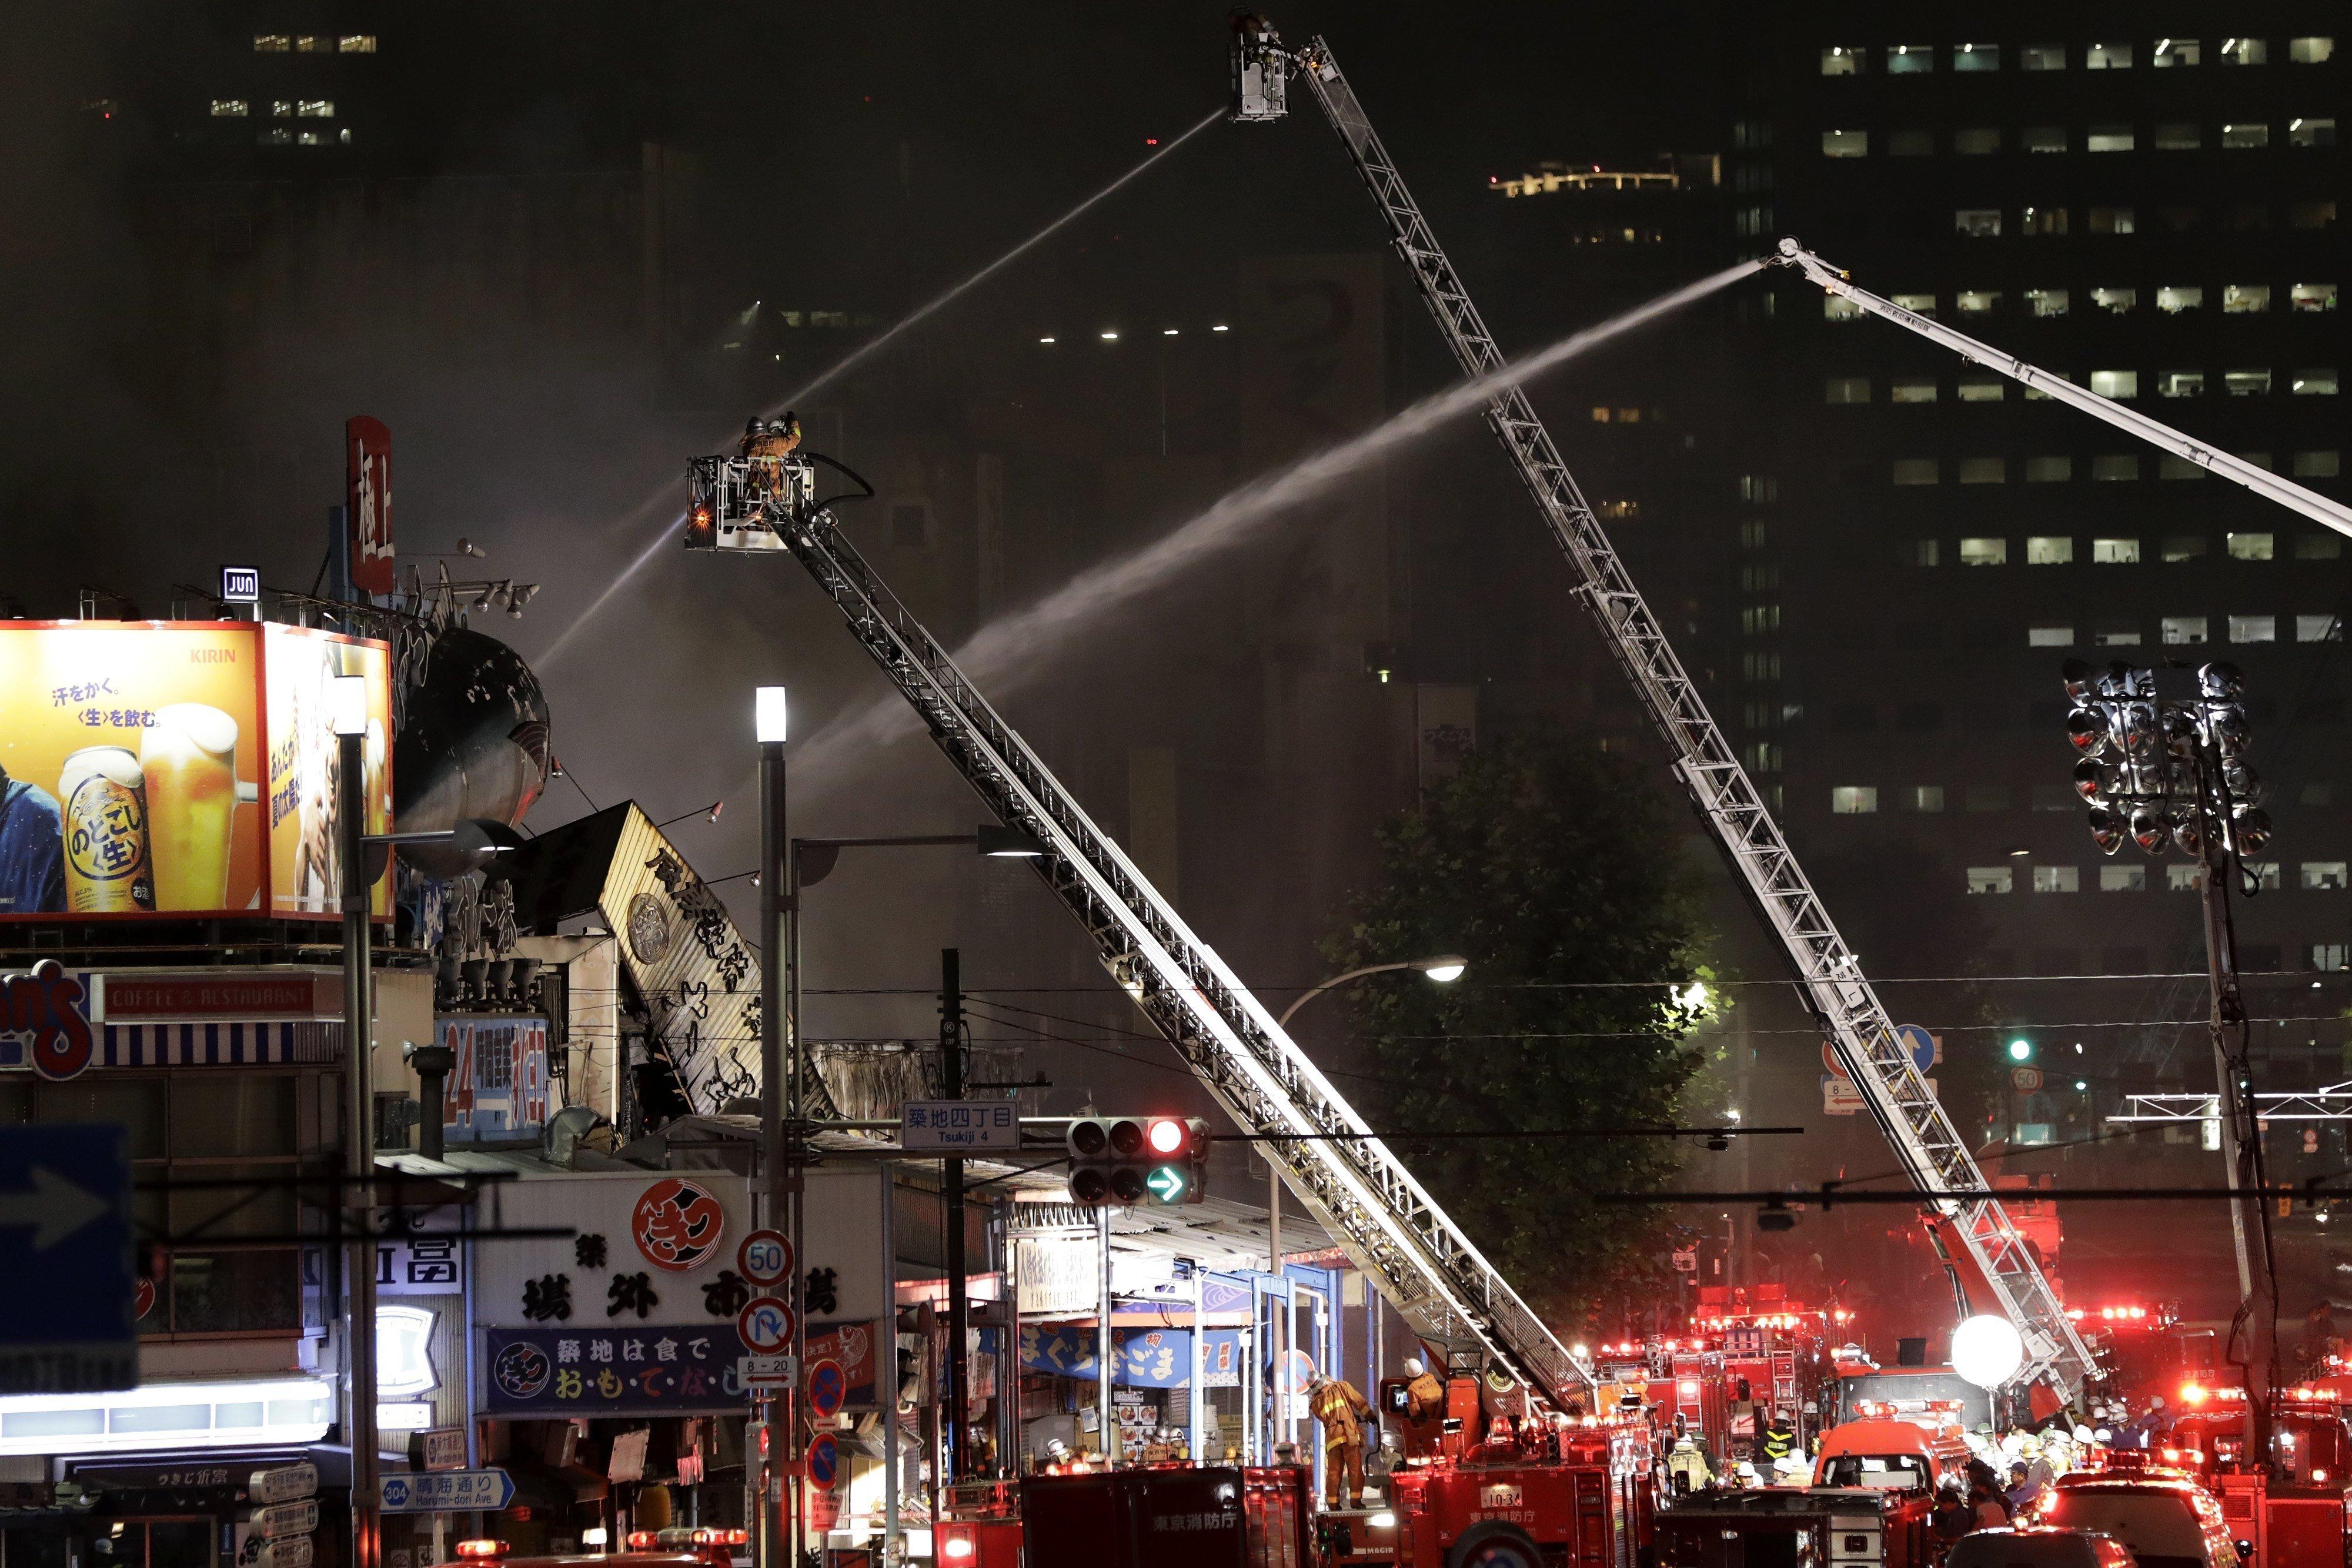 Els bombers treballen en l'extinció d'un incendi al mercat de peix de Tsukiji a Tòquio (Japó). /KIYOSHI OTA